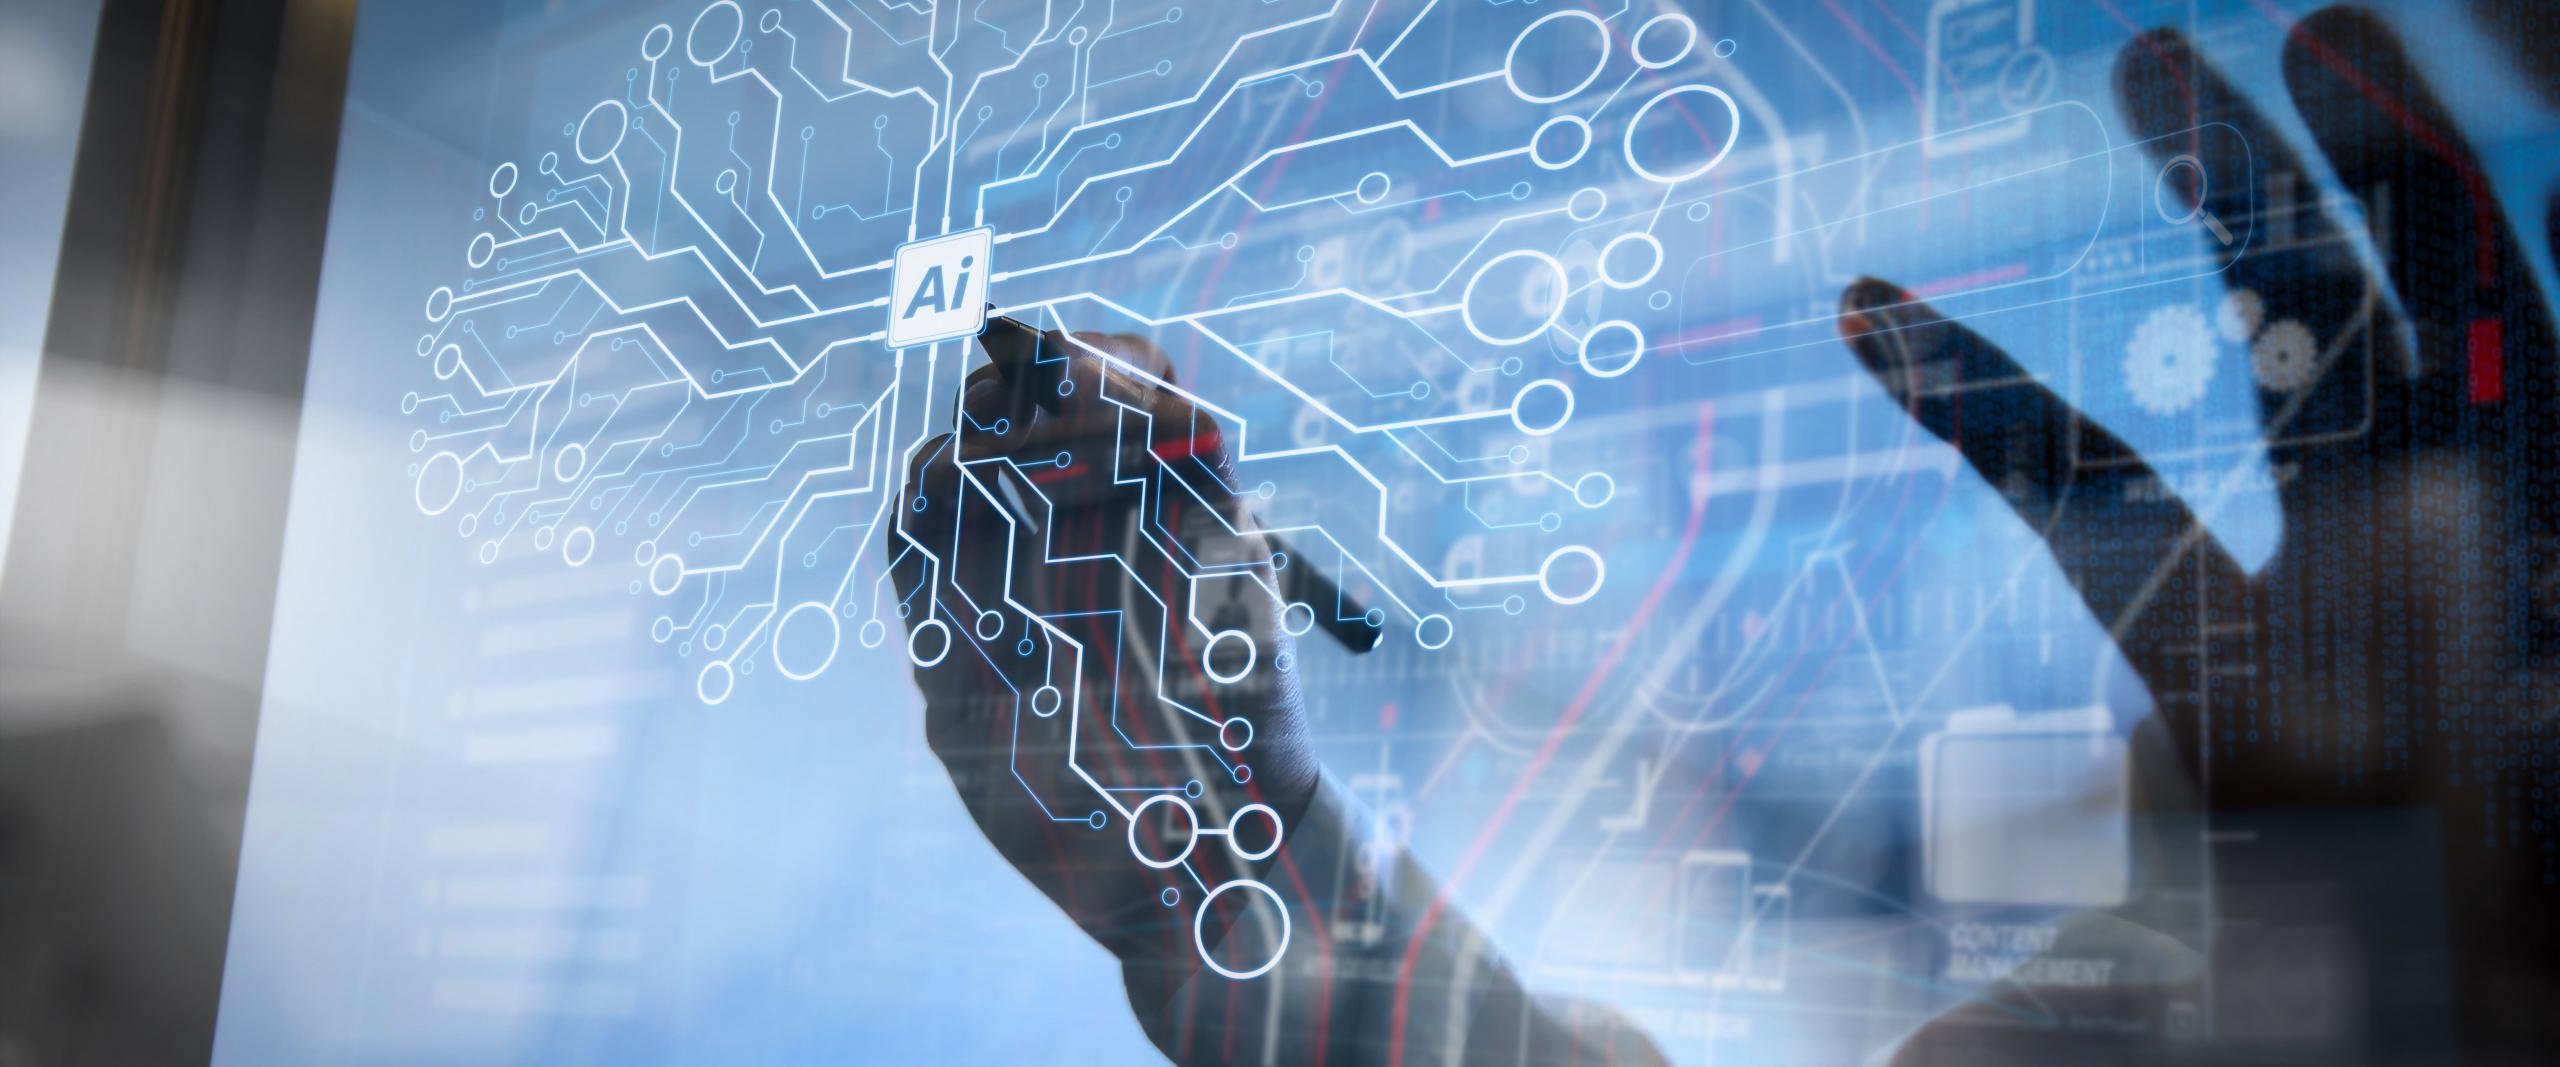 Vers une intelligence artificielle de confiance : les réseaux bayésiens